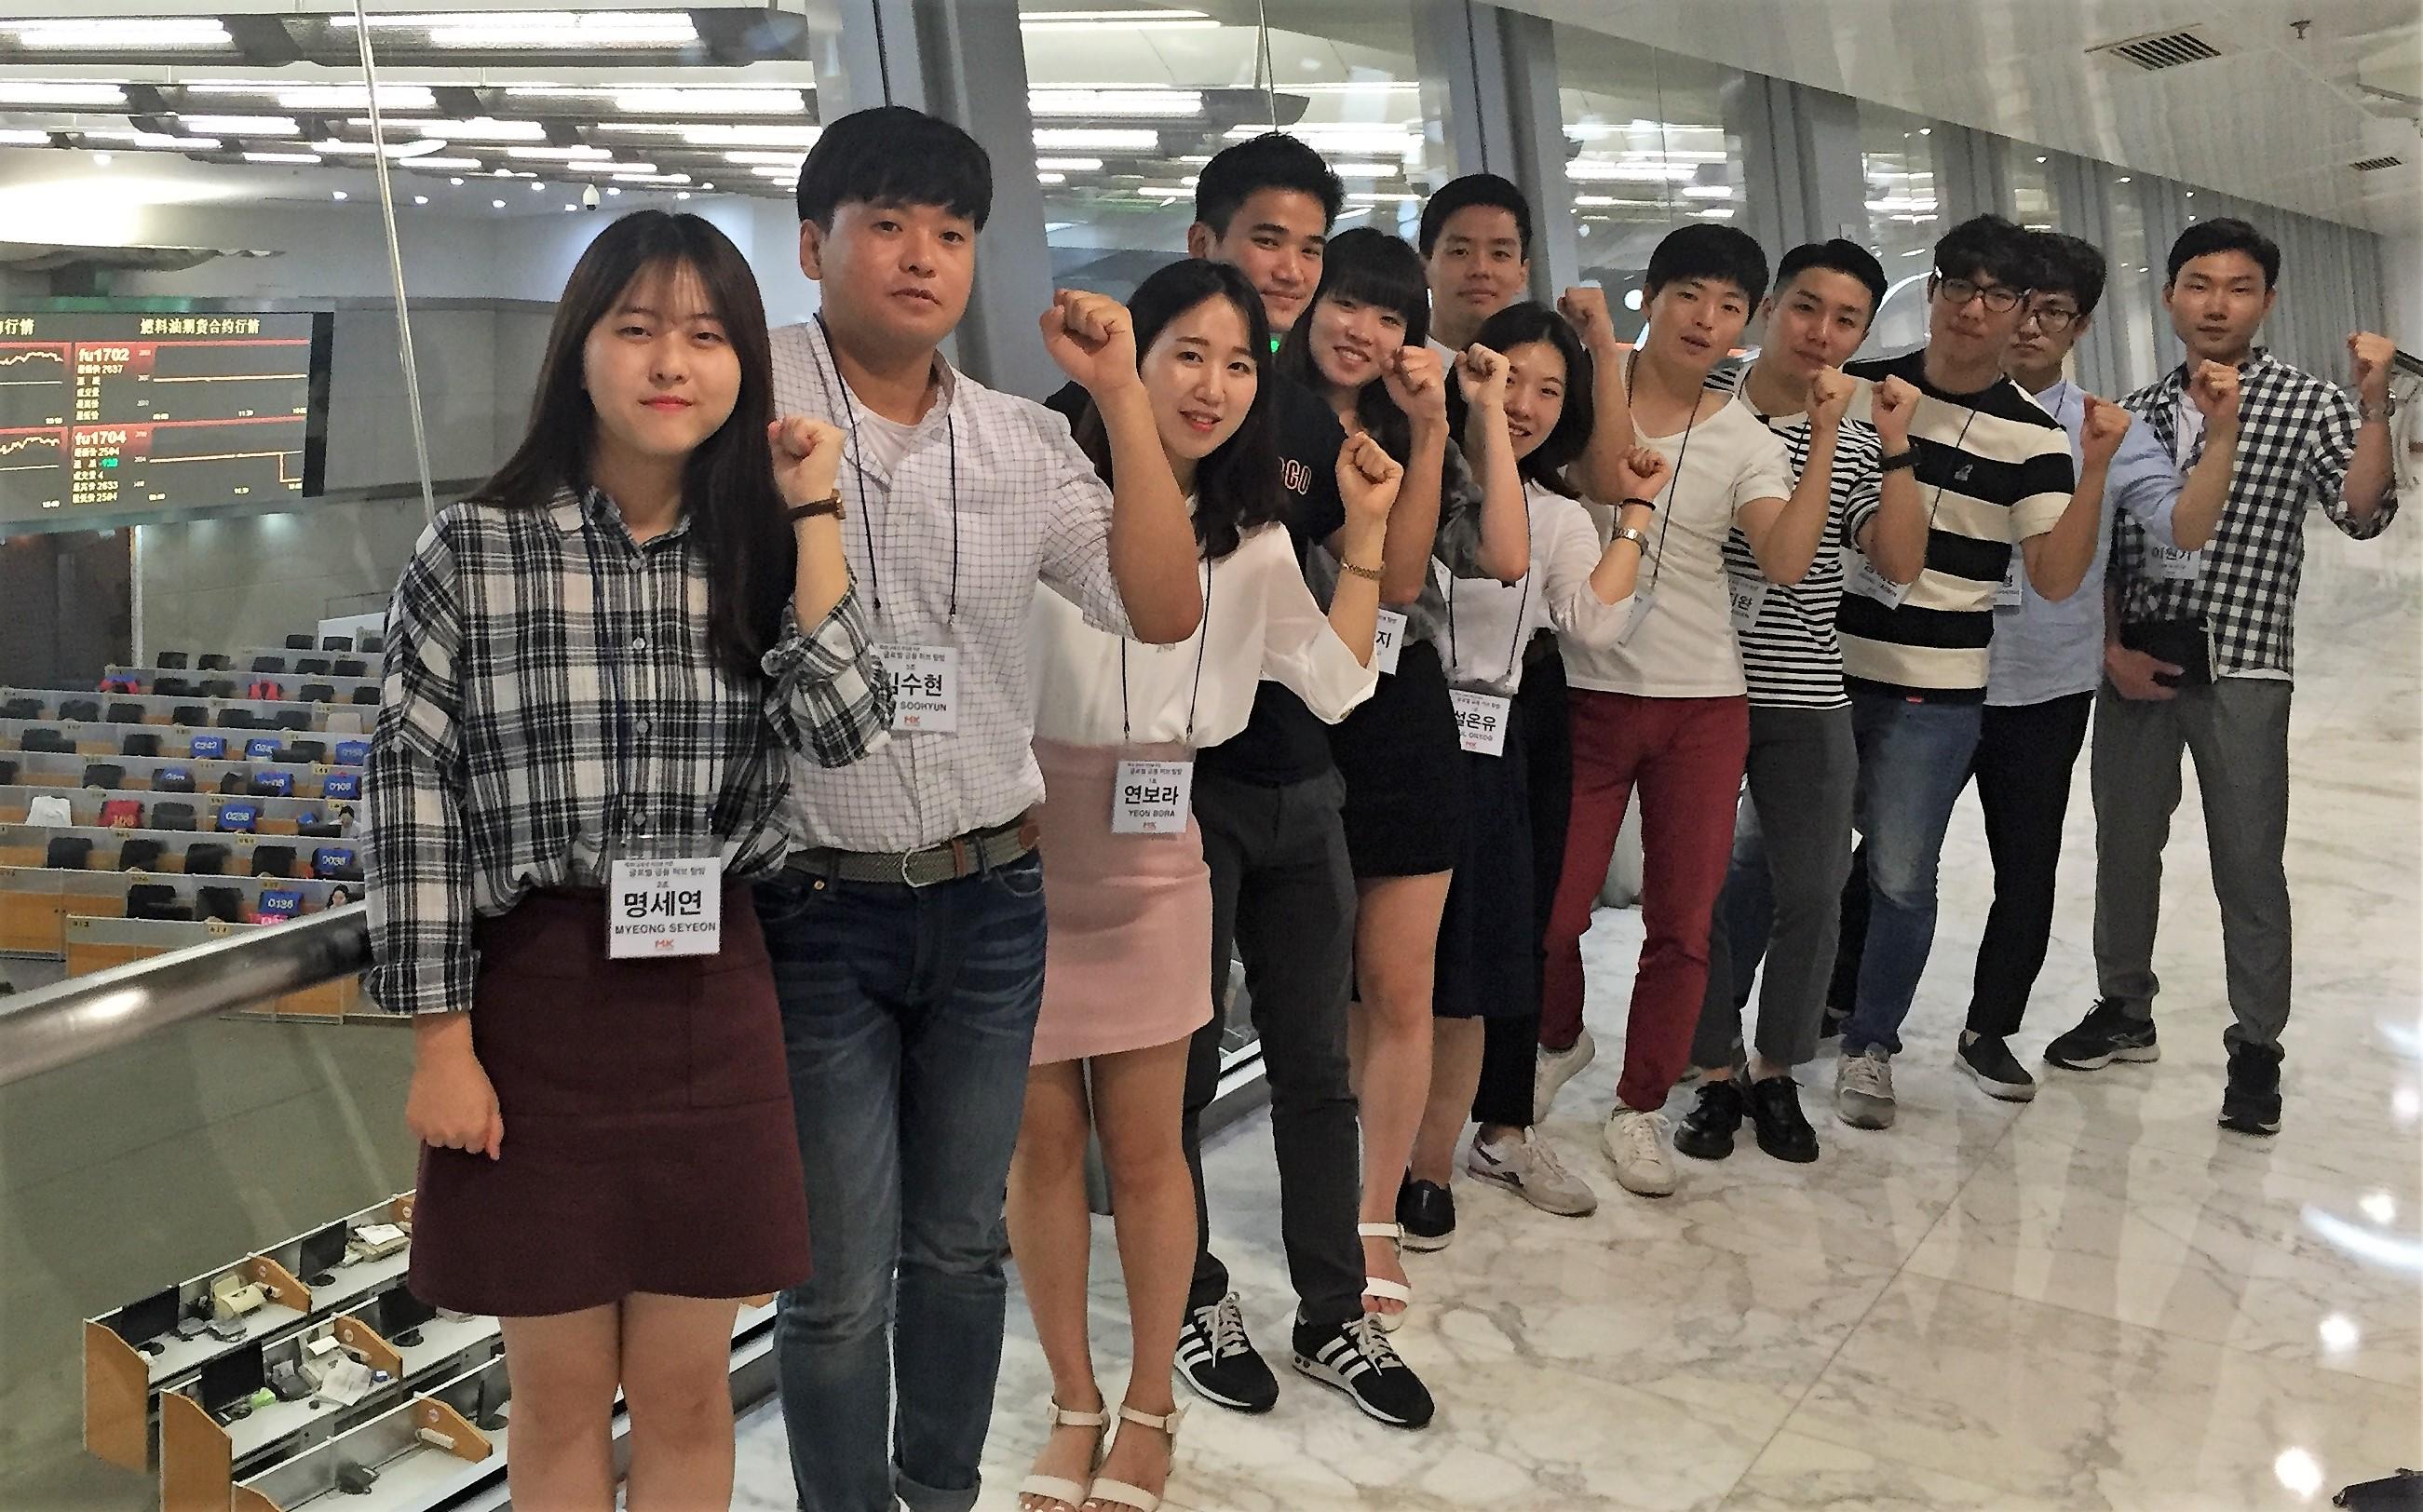 작년 여름에 진행된 제 2회 매경 글로벌금융허브탐방에 참가한 김진성씨(좌로부터 4번째) 상하이 선물거래소에서 탐방단과 함께 포즈를 취하고 있다.